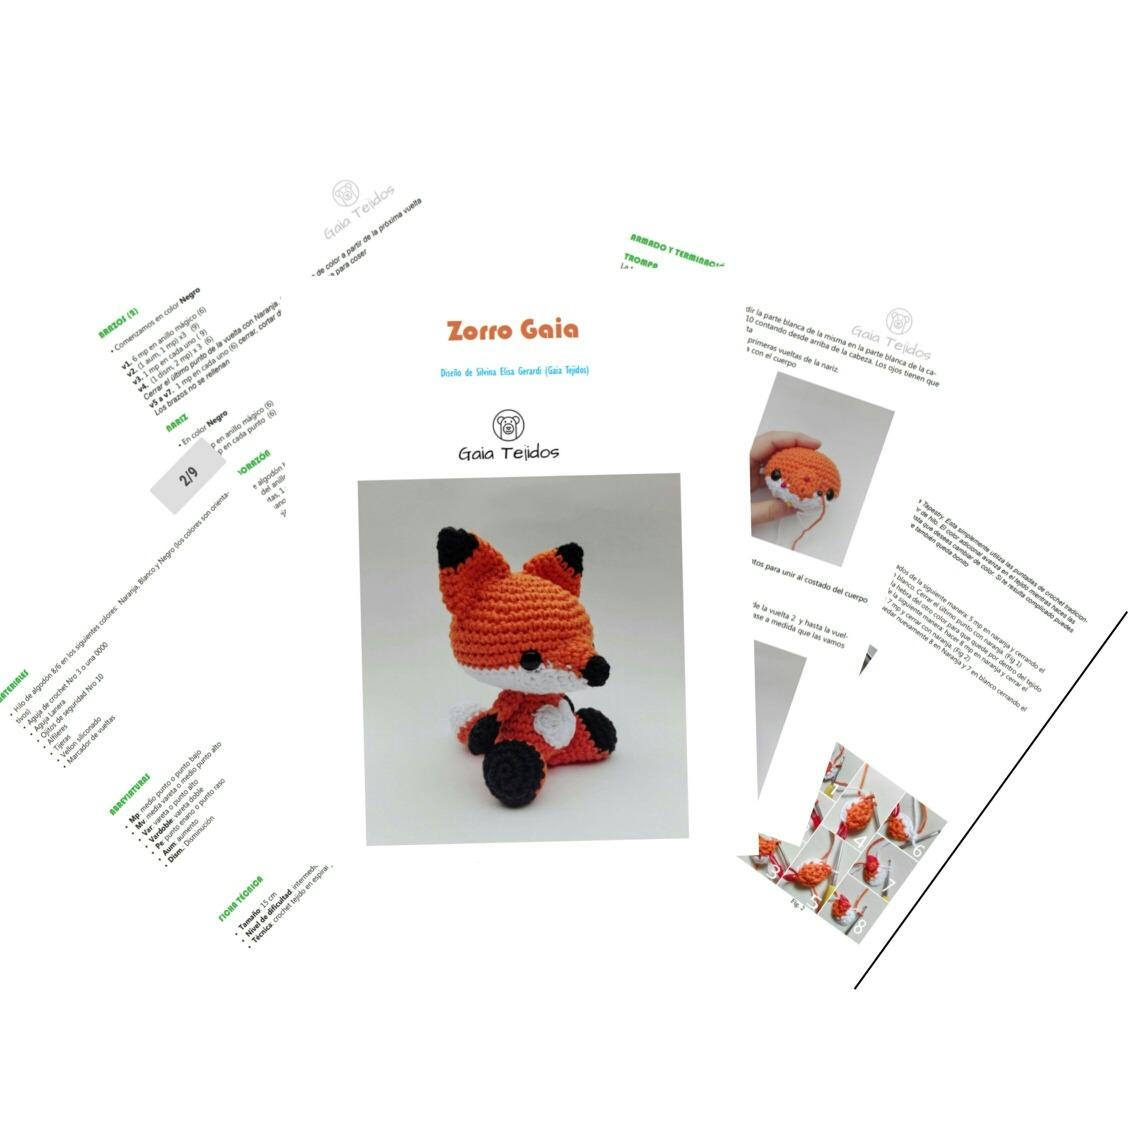 Patrón Amigurumi Crochet Zorro En Pdf - $ 100,00 en Mercado Libre